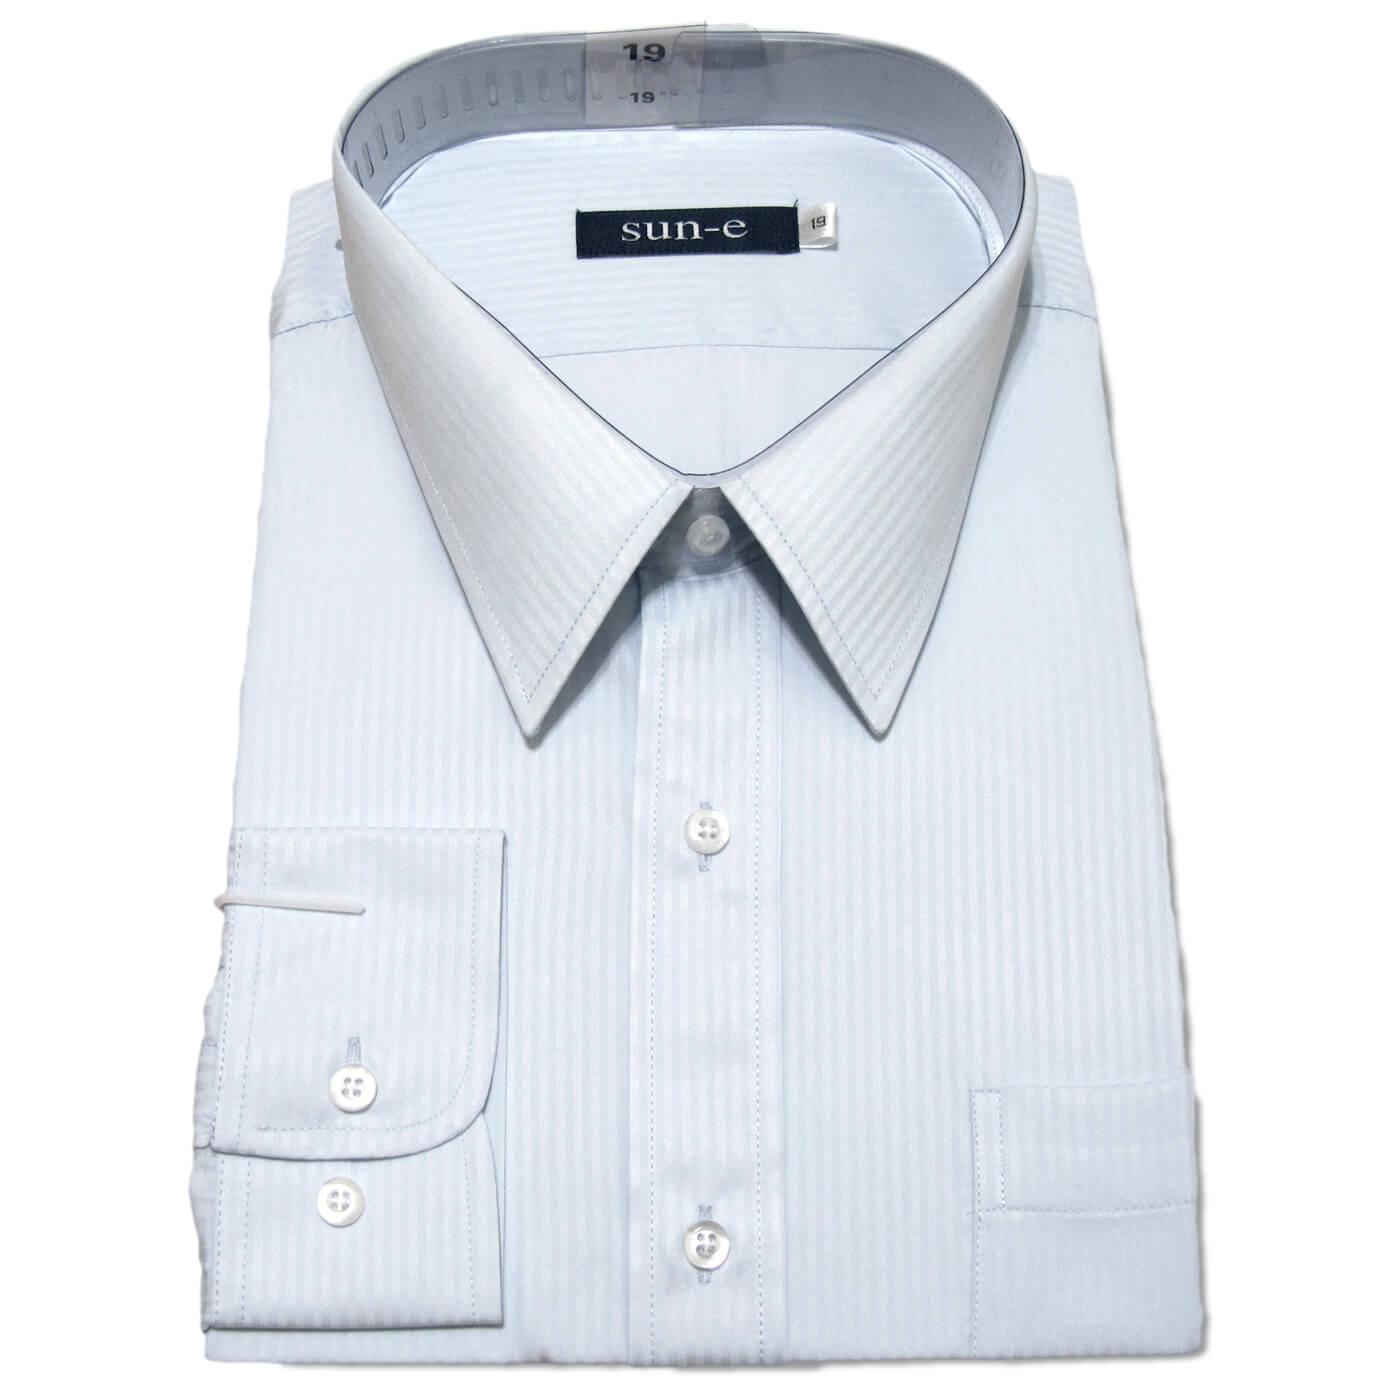 長袖條紋襯衫 標準襯衫 上班族襯衫 正式場合襯衫 商務襯衫 面試襯衫 柔棉舒適不皺免燙長袖襯衫 一般及加大尺碼襯衫 五種顏色可供選擇(335-701-01)白色襯衫、(335-703-09)淺藍色襯衫、(335-707-22)灰色襯衫、(335-710-14)淺黃色襯衫、(335-711-21)黑色襯衫 [實體店面保障] sun-e 2